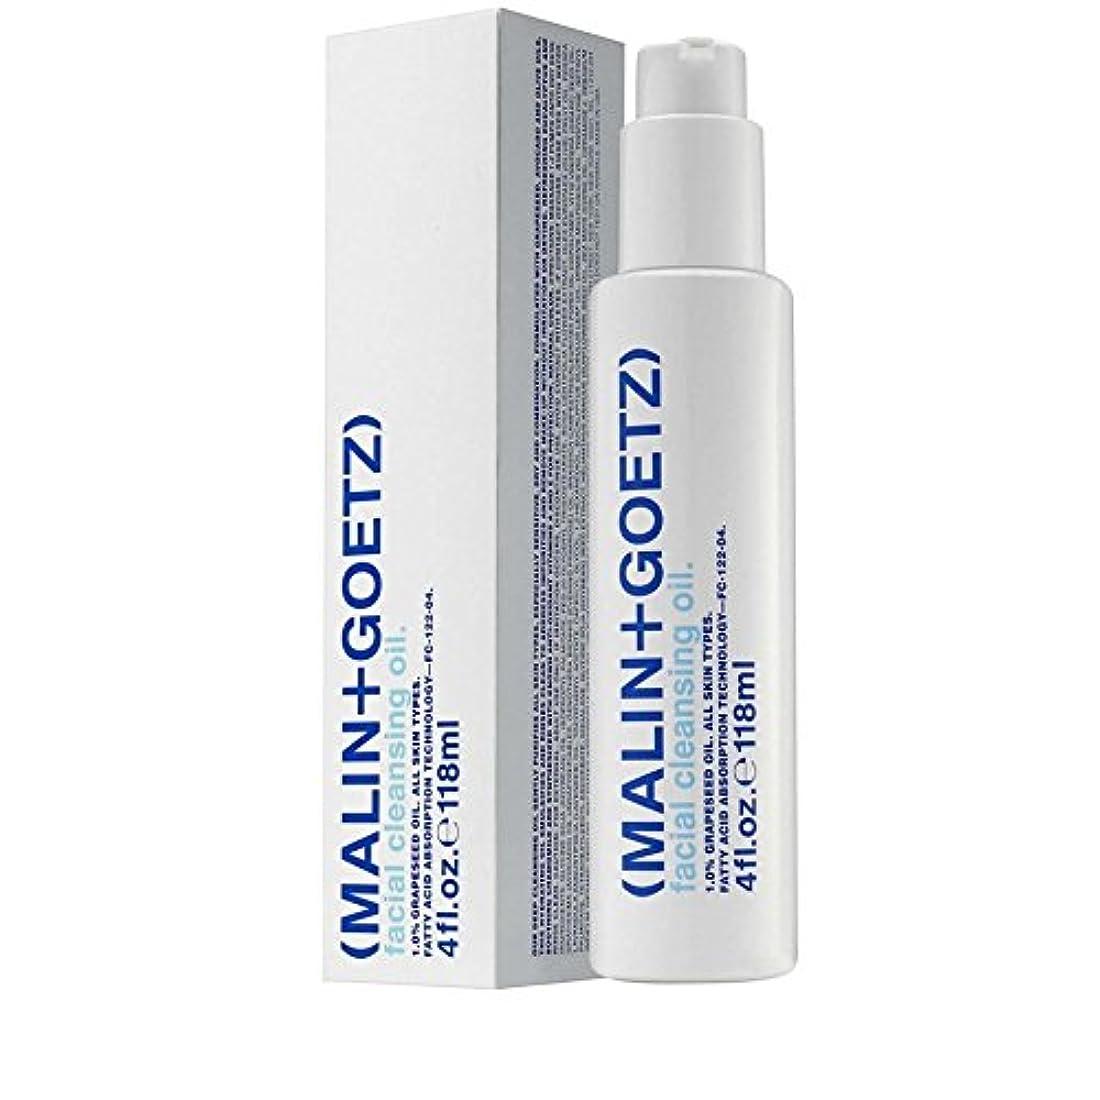 レース悪性の参加するマリン+ゲッツ洗顔オイル118ミリリットル x4 - MALIN+GOETZ Facial Cleansing Oil 118ml (Pack of 4) [並行輸入品]